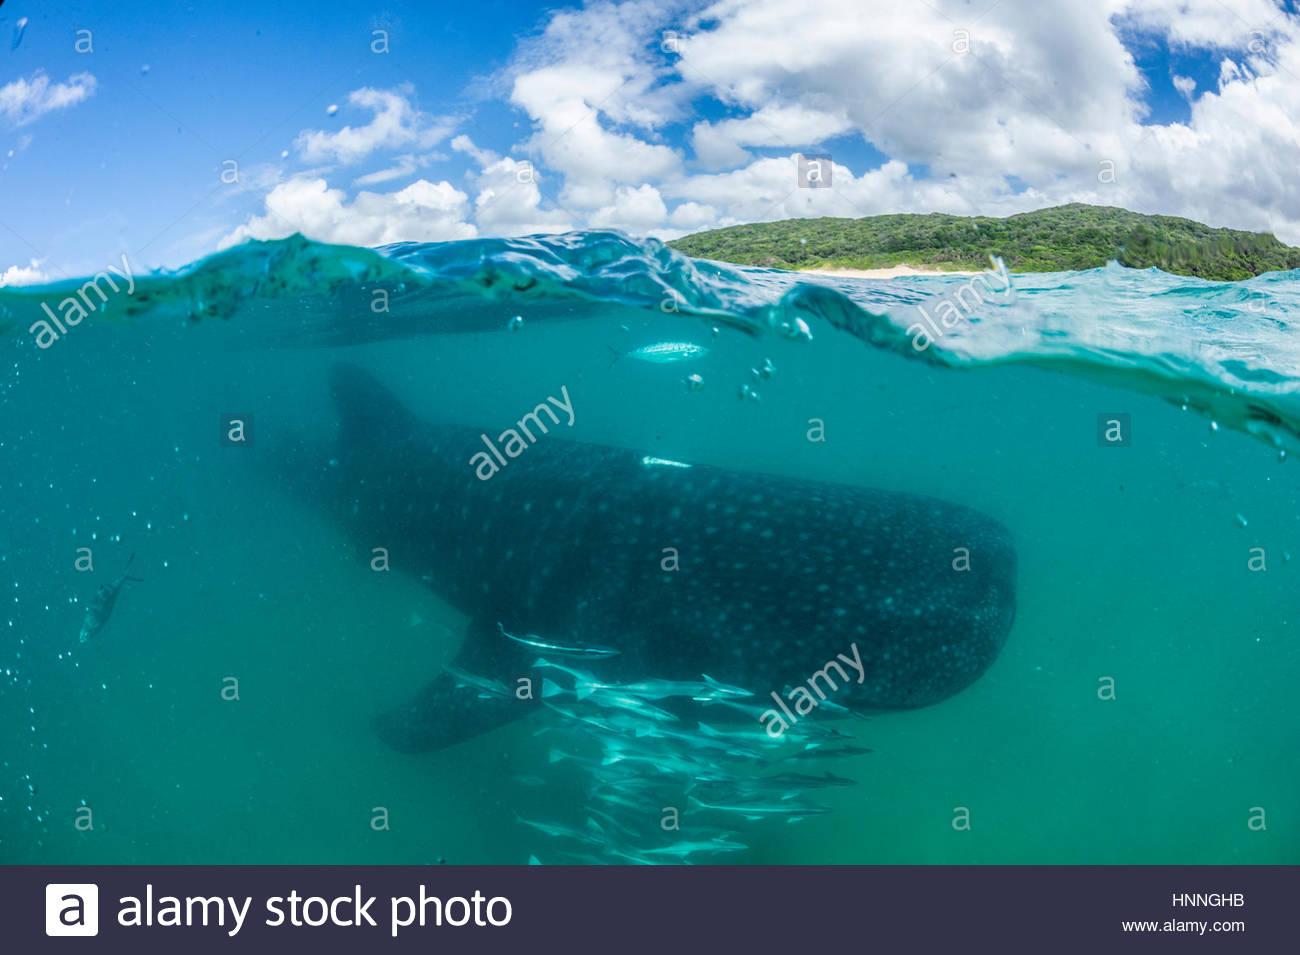 Ein Walhai schwimmt im Indischen Ozean in der Ponta Do Oro Marine Reserve, Mosambik. Stockbild